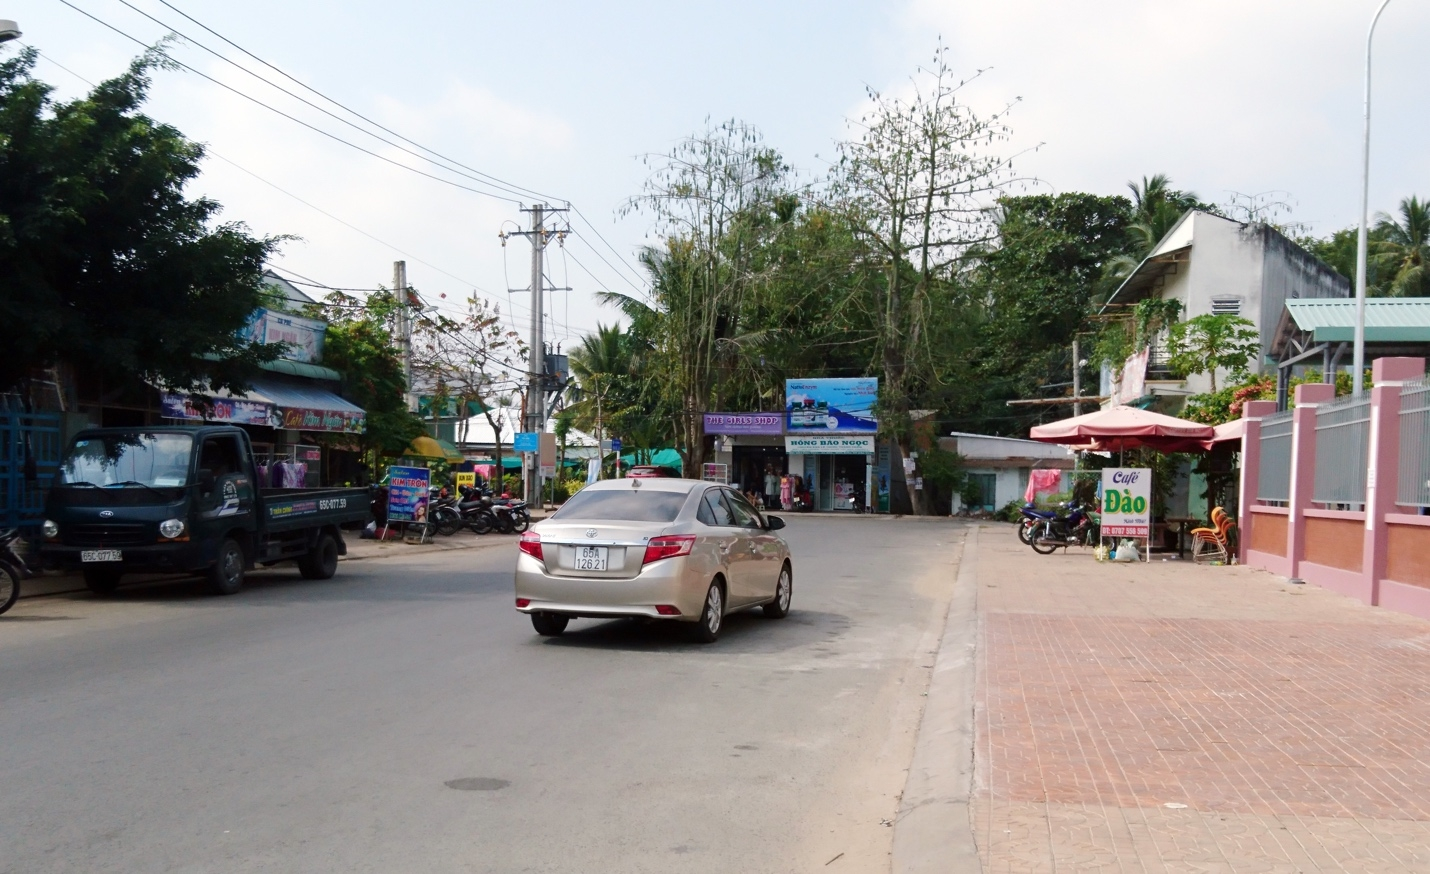 Cần Thơ: Thu hồi chủ trương đầu tư xây dựng Khu đô thị đường Phạm Ngũ Lão nối dài đường Mậu Thân